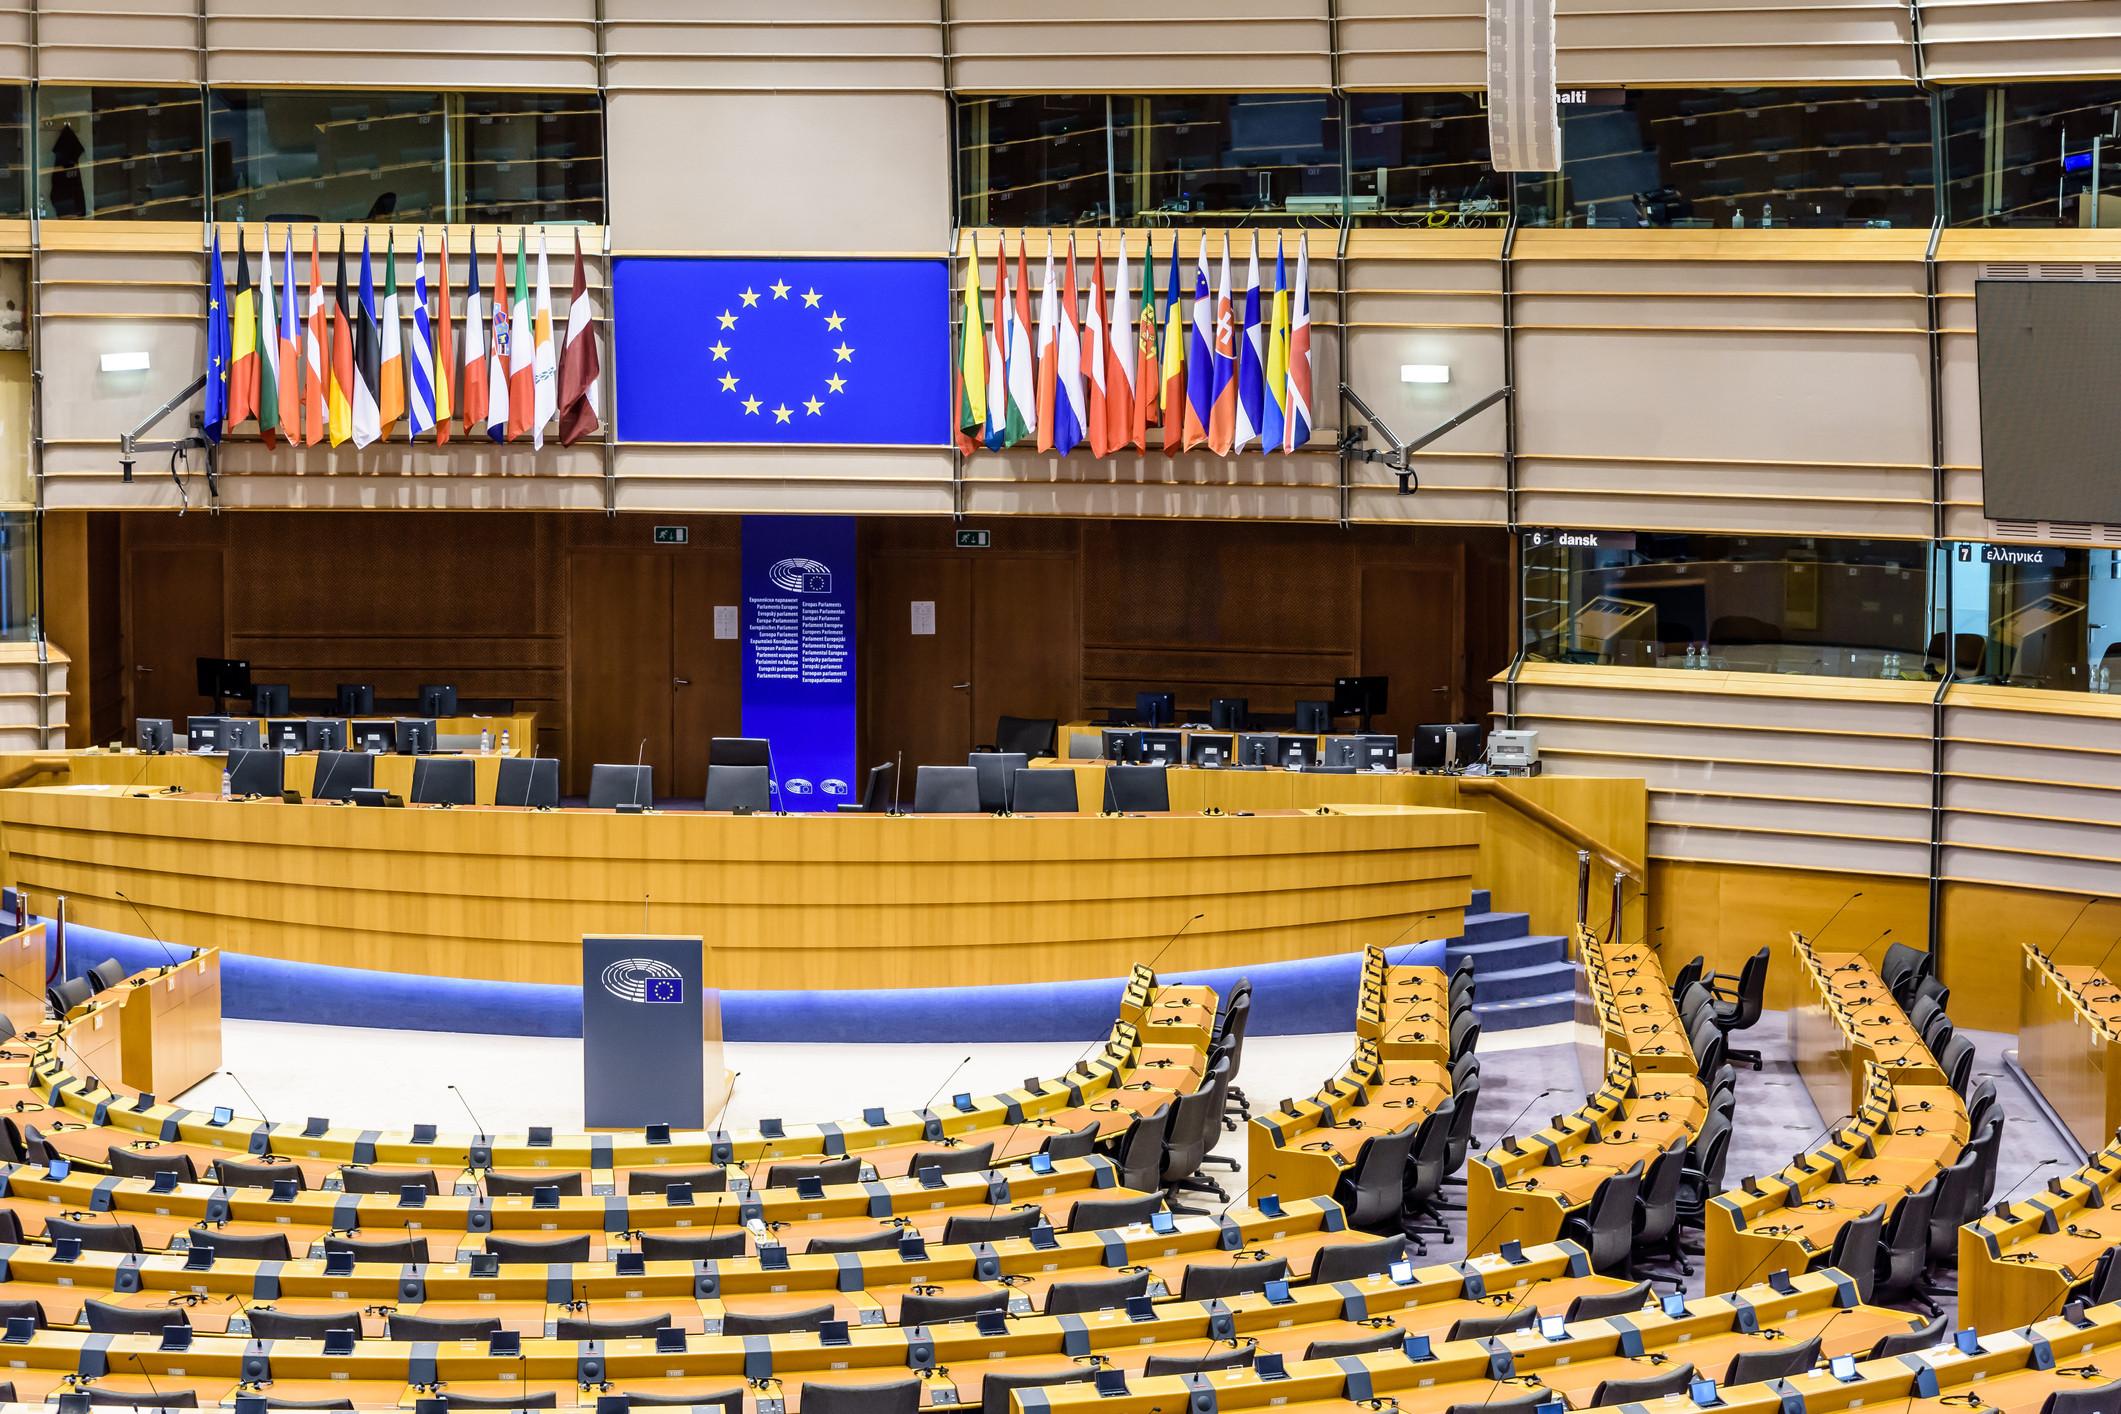 Em dia de debate, candidatos a eurodeputados reforçam-se com ex-líderes